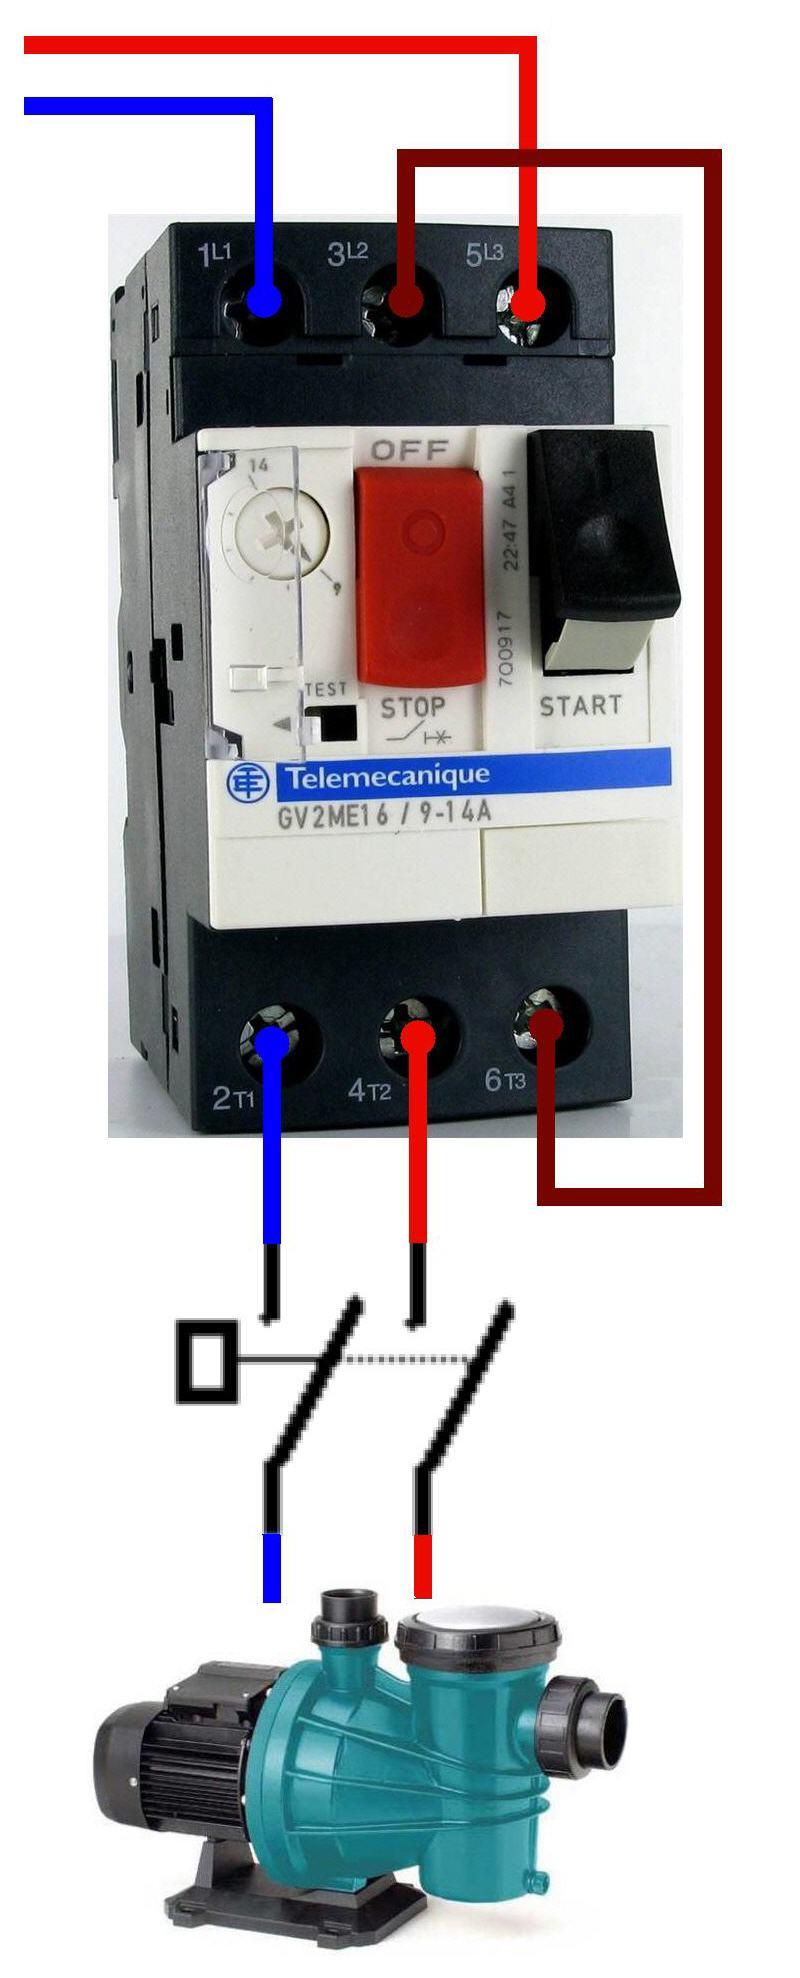 Remplacement horloge dans coffret de l'escawat - Page 2 Thermi10